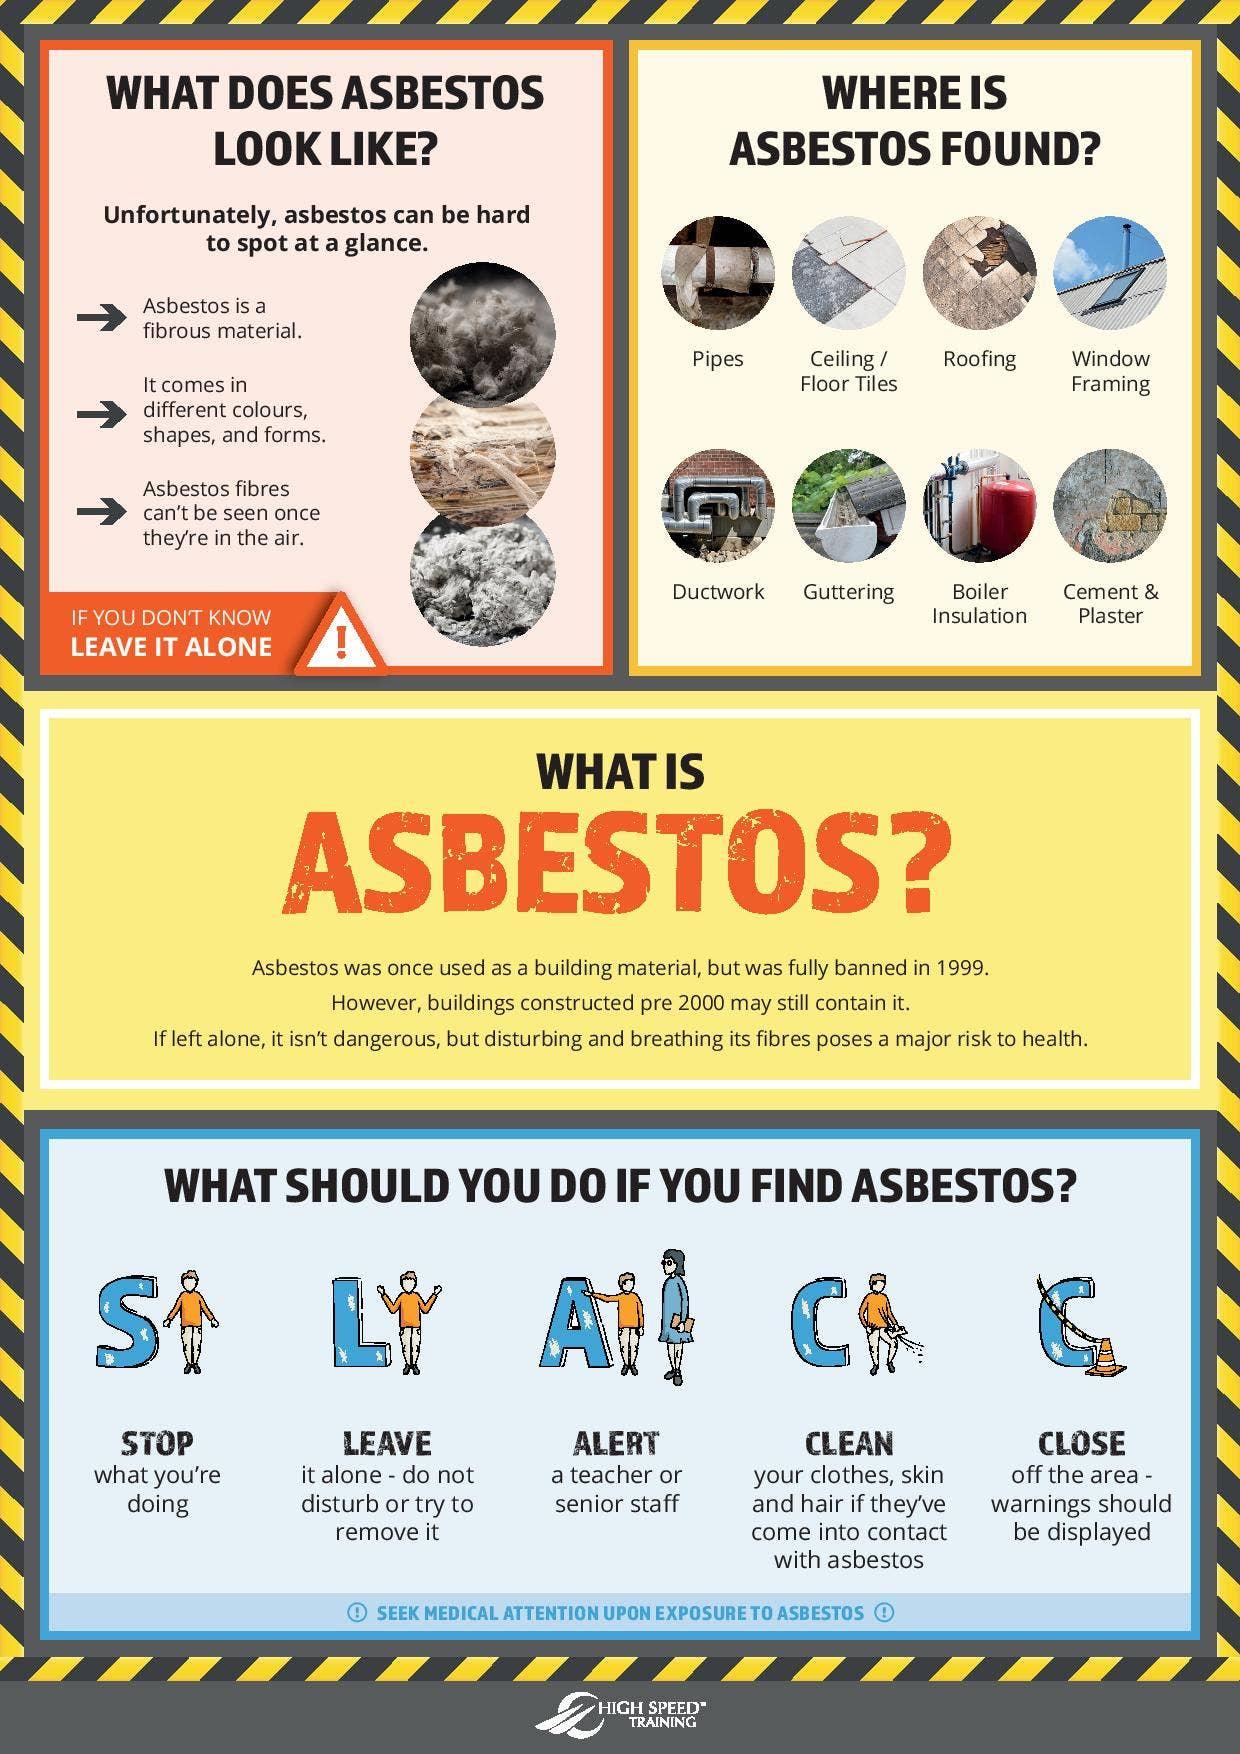 asbestos in schools awareness poster